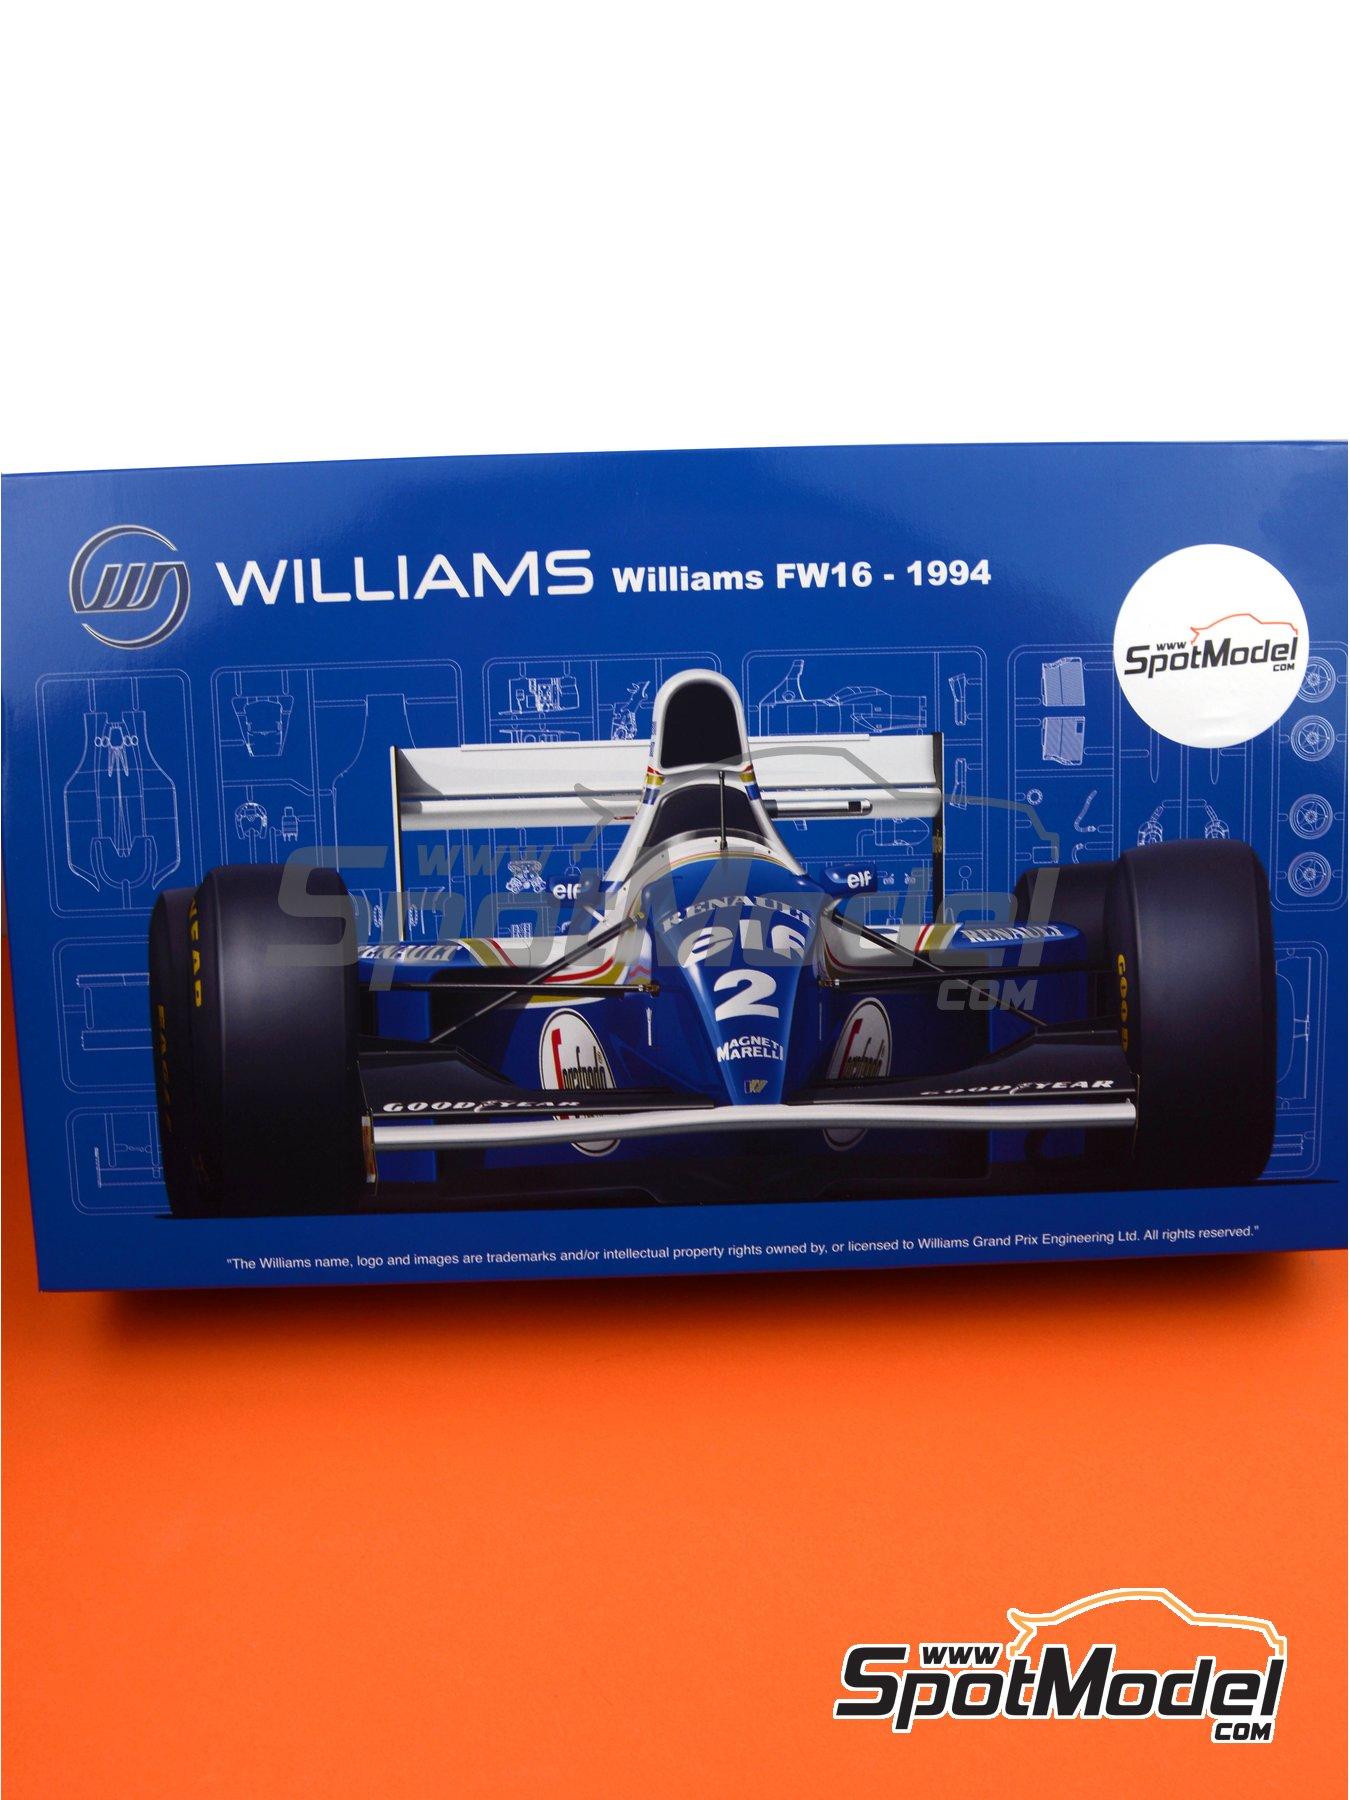 Williams Renault FW16 ELF - Gran Premio de Fórmula 1 de Brasil, Gran Premio de Fórmula 1 de San Marino, Gran Premio de Fórmula 1 del Pacifico 1994 | Maqueta de coche en escala1/20 fabricado por Fujimi (ref.FJ092126, tambien GP-24, 09212 y FJ09212) image